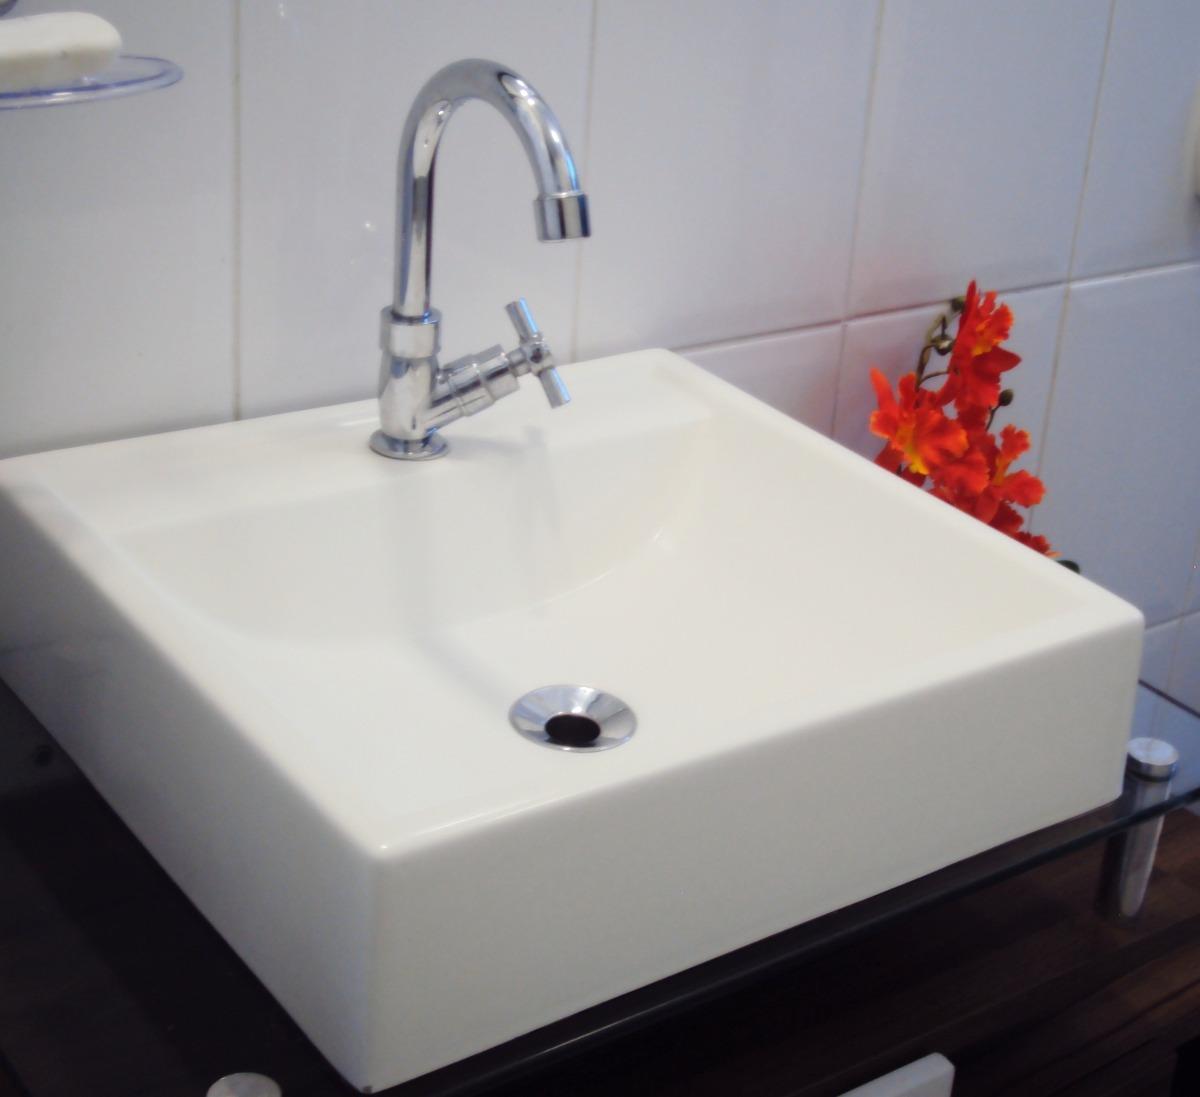 Cuba Pia Sobrepor Tendência Lavatório Para Banheiro E Lavabo  R$ 79,90 em Me -> Pia Do Banheiro Entupida